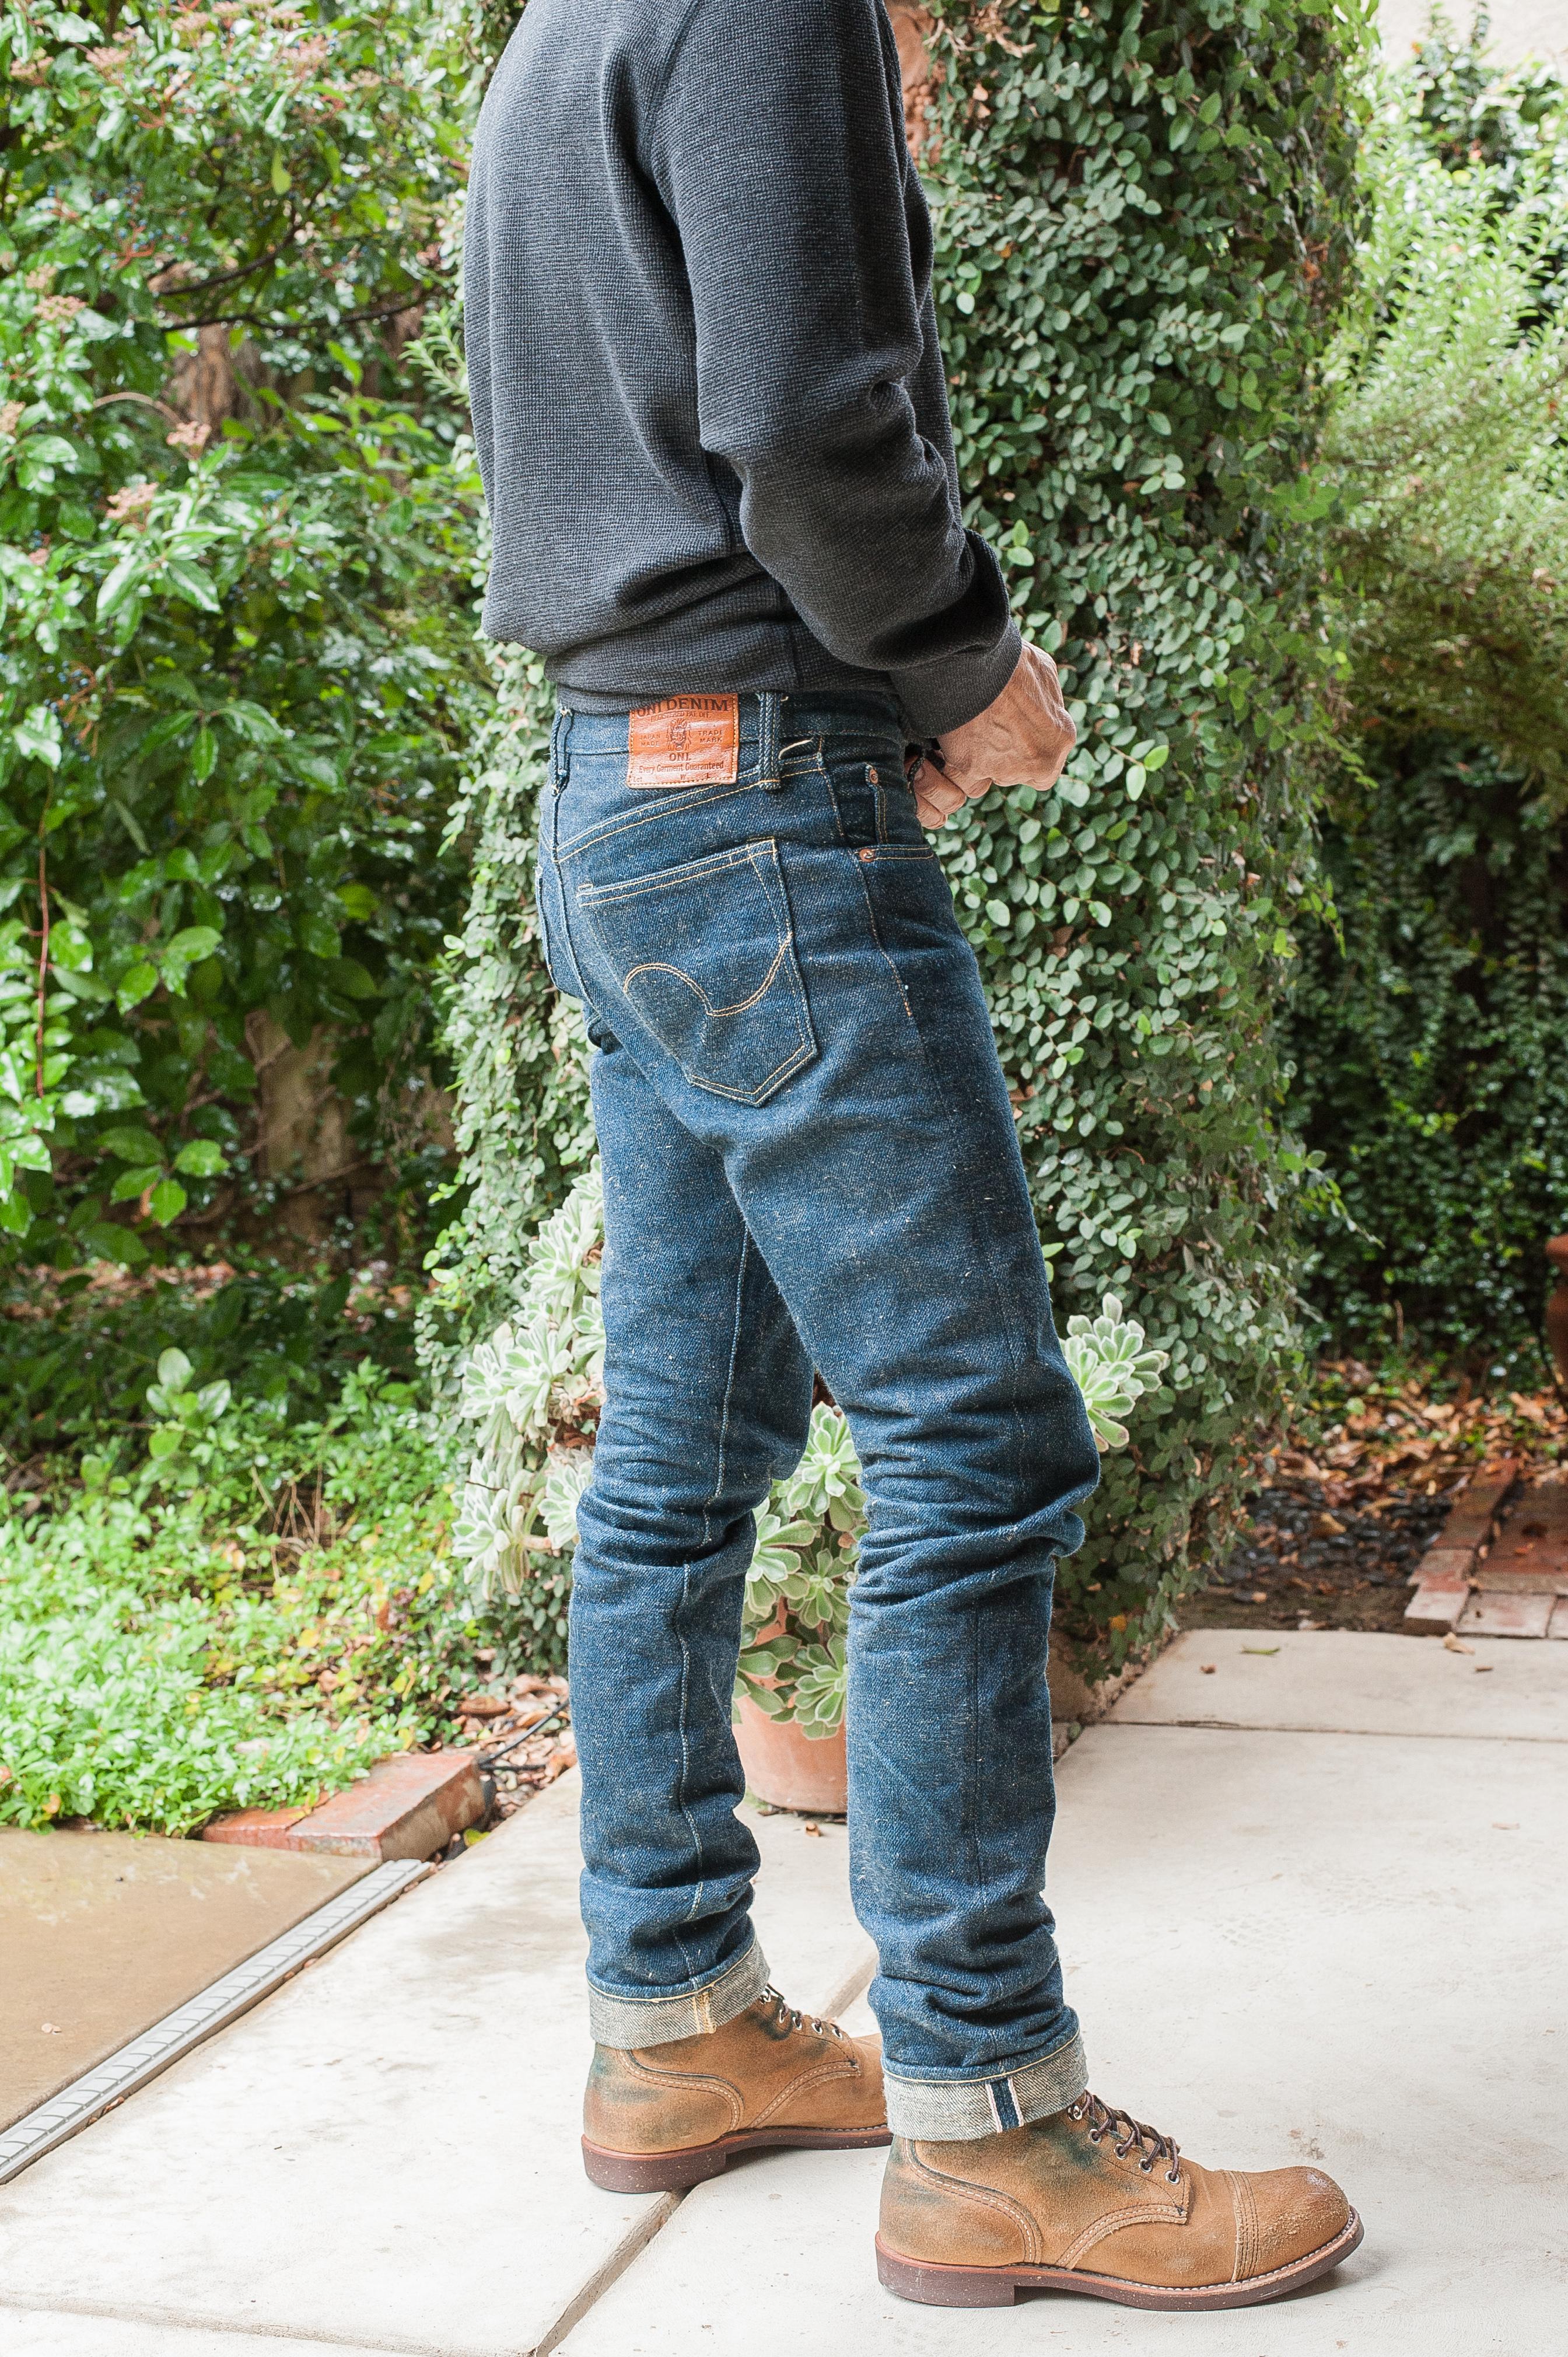 f491c5a4 Oni Oni Secret Denim 506zr Jeans 29w Tag, 31 Actual, 35l 20oz, Fades ...